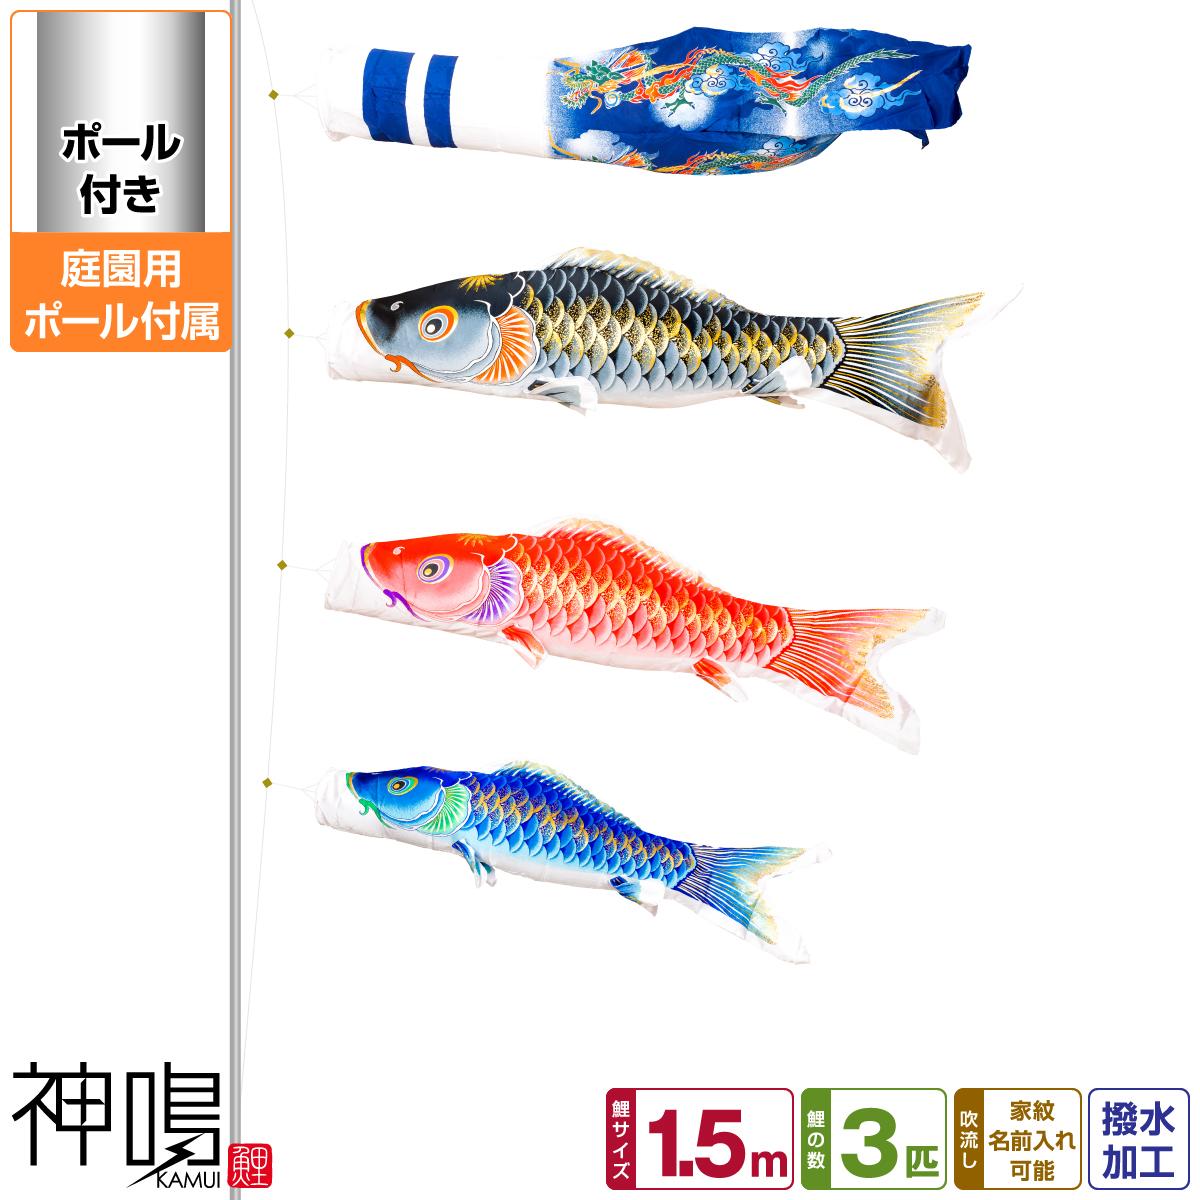 庭用 こいのぼり 神鳴鯉-KAMUI- 1.5m 6点(吹流し+鯉3匹+矢車+ロープ)/ガーデンセット(杭打ちポール)